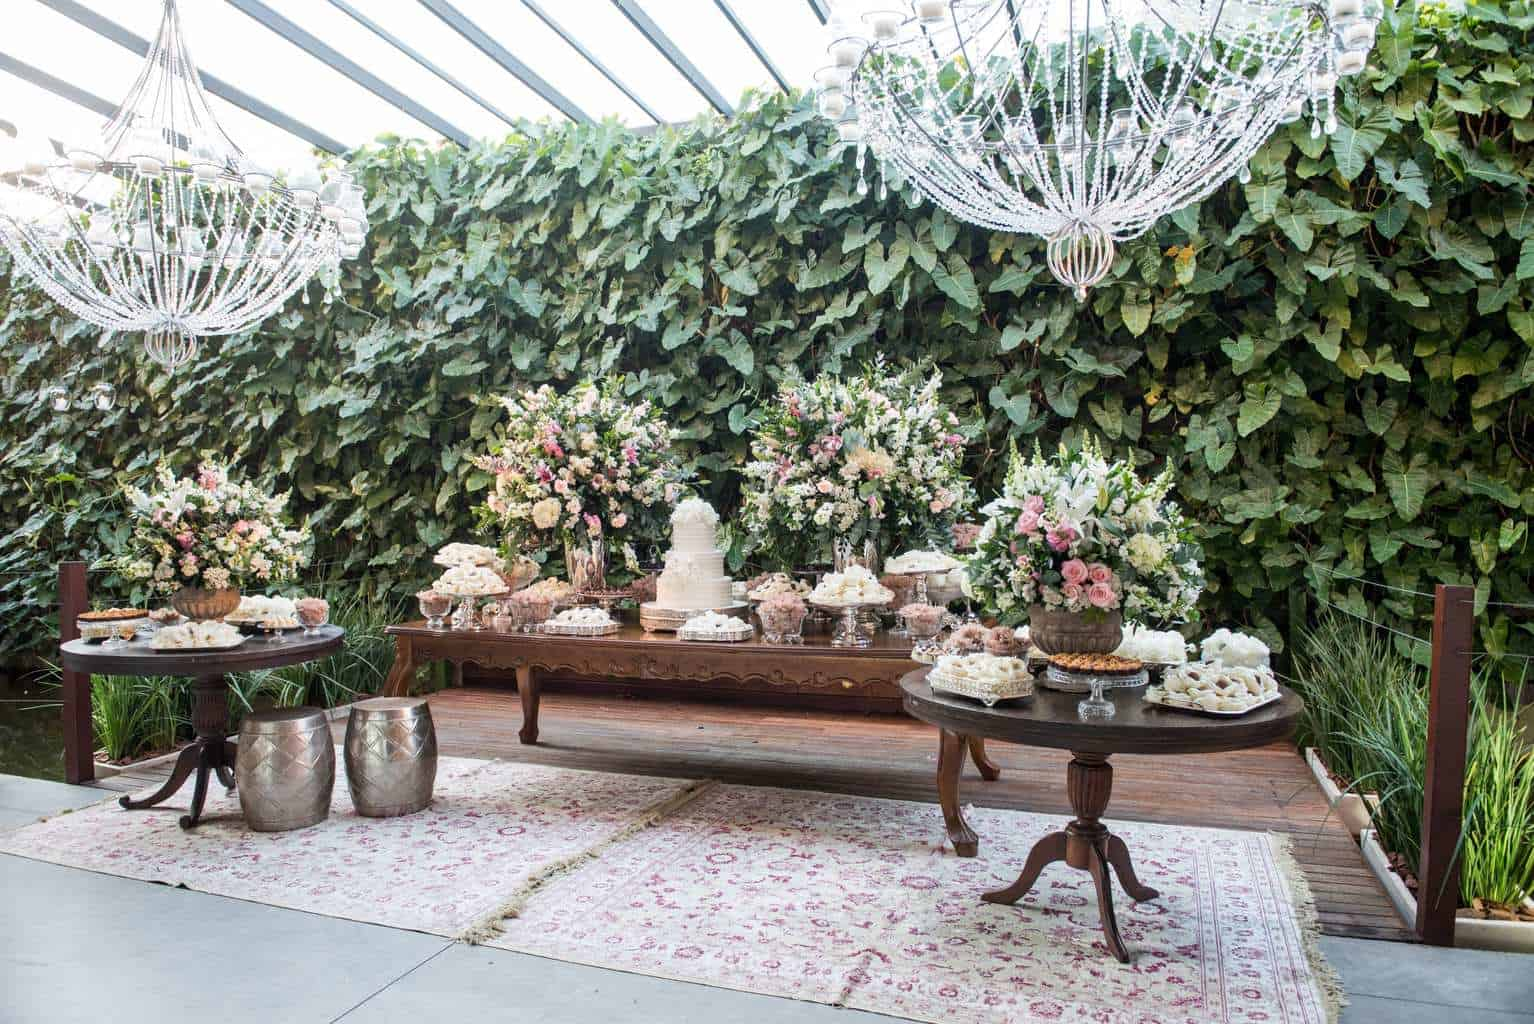 casamento-de-dia-casamento-Nicole-e-Thales-casamento-no-jardim-csasamento-ao-ar-livre-Fotografia-Marina-Fava-Galeria-Jardim-Rio-de-Janeiro-81